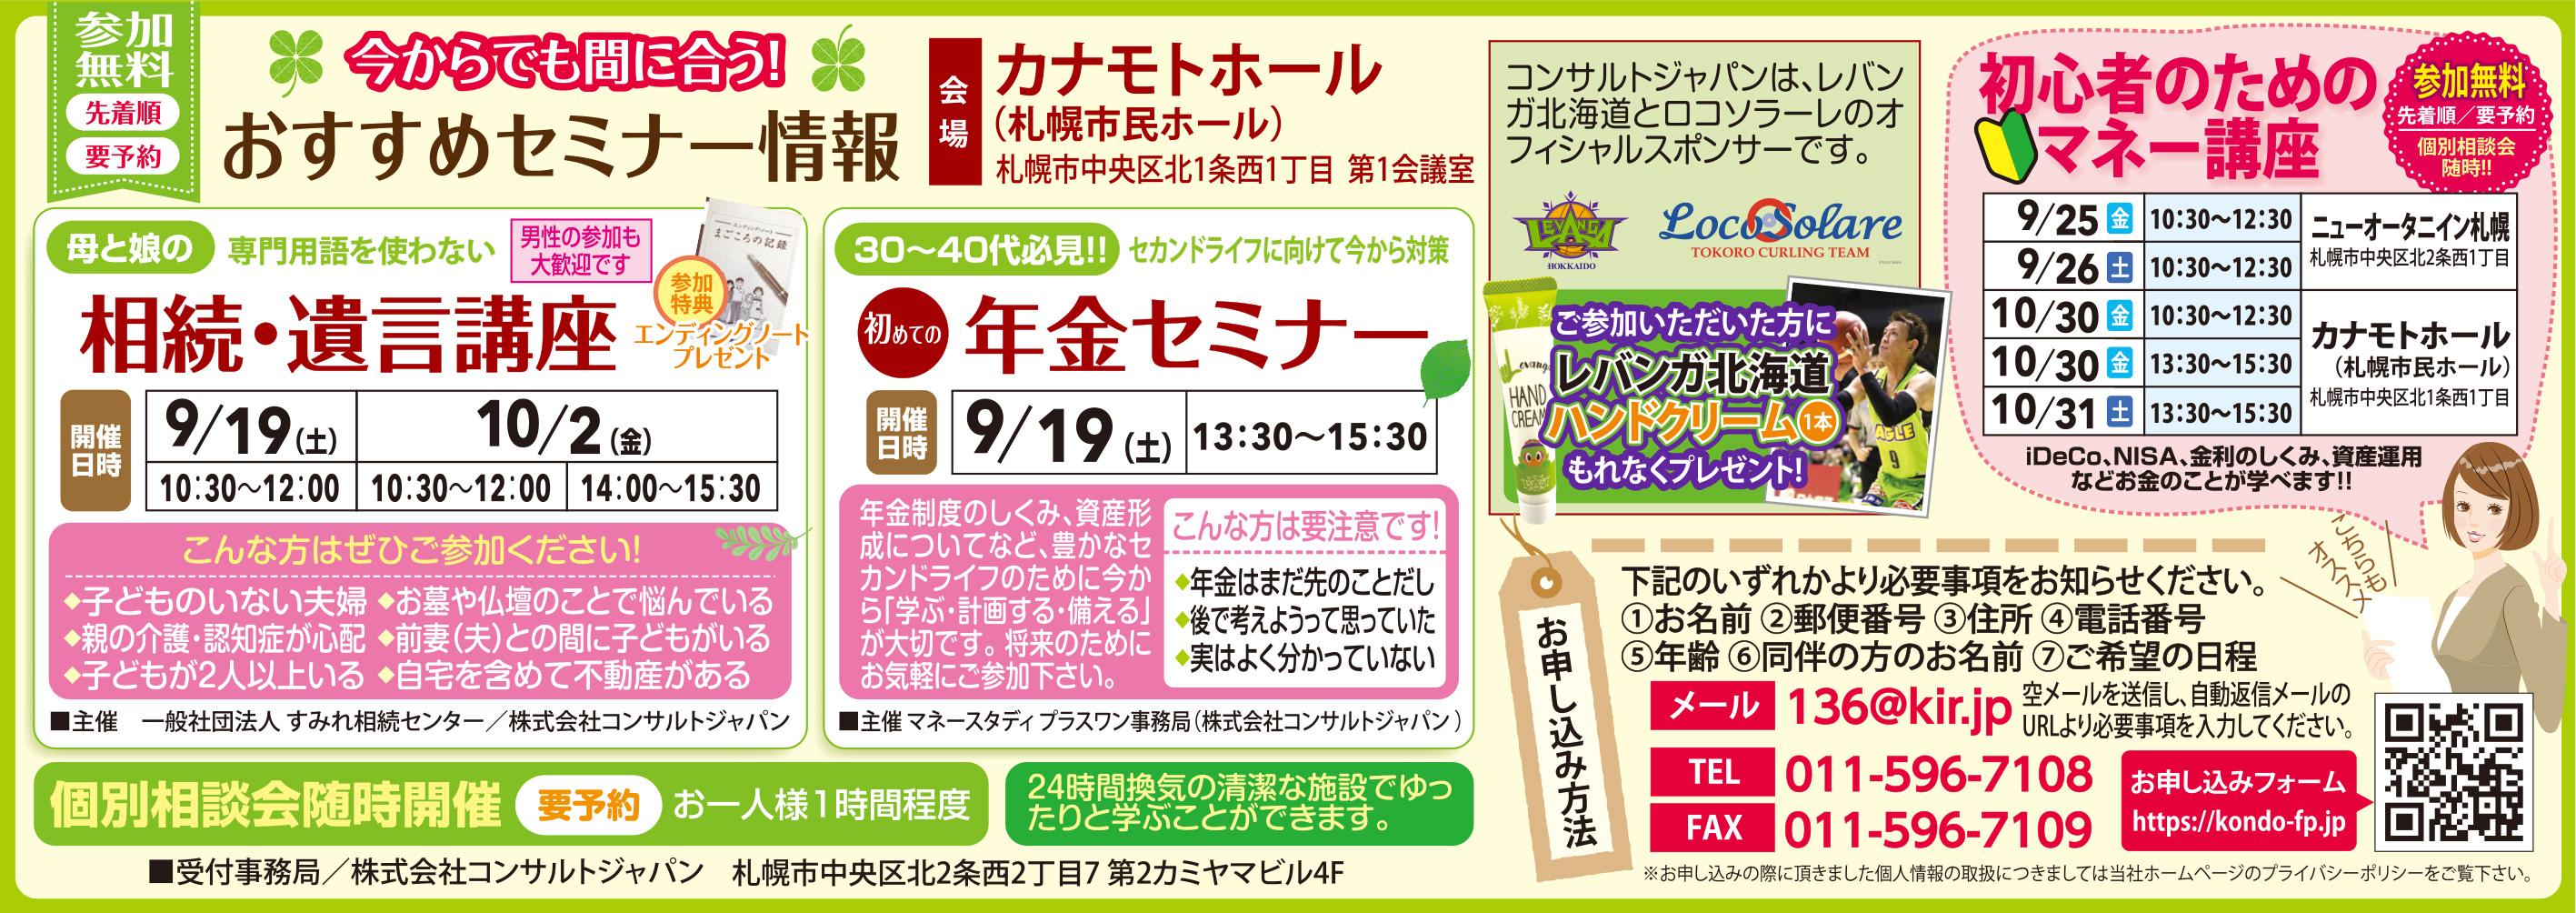 専門用語を使わない相続・遺言講座(札幌)